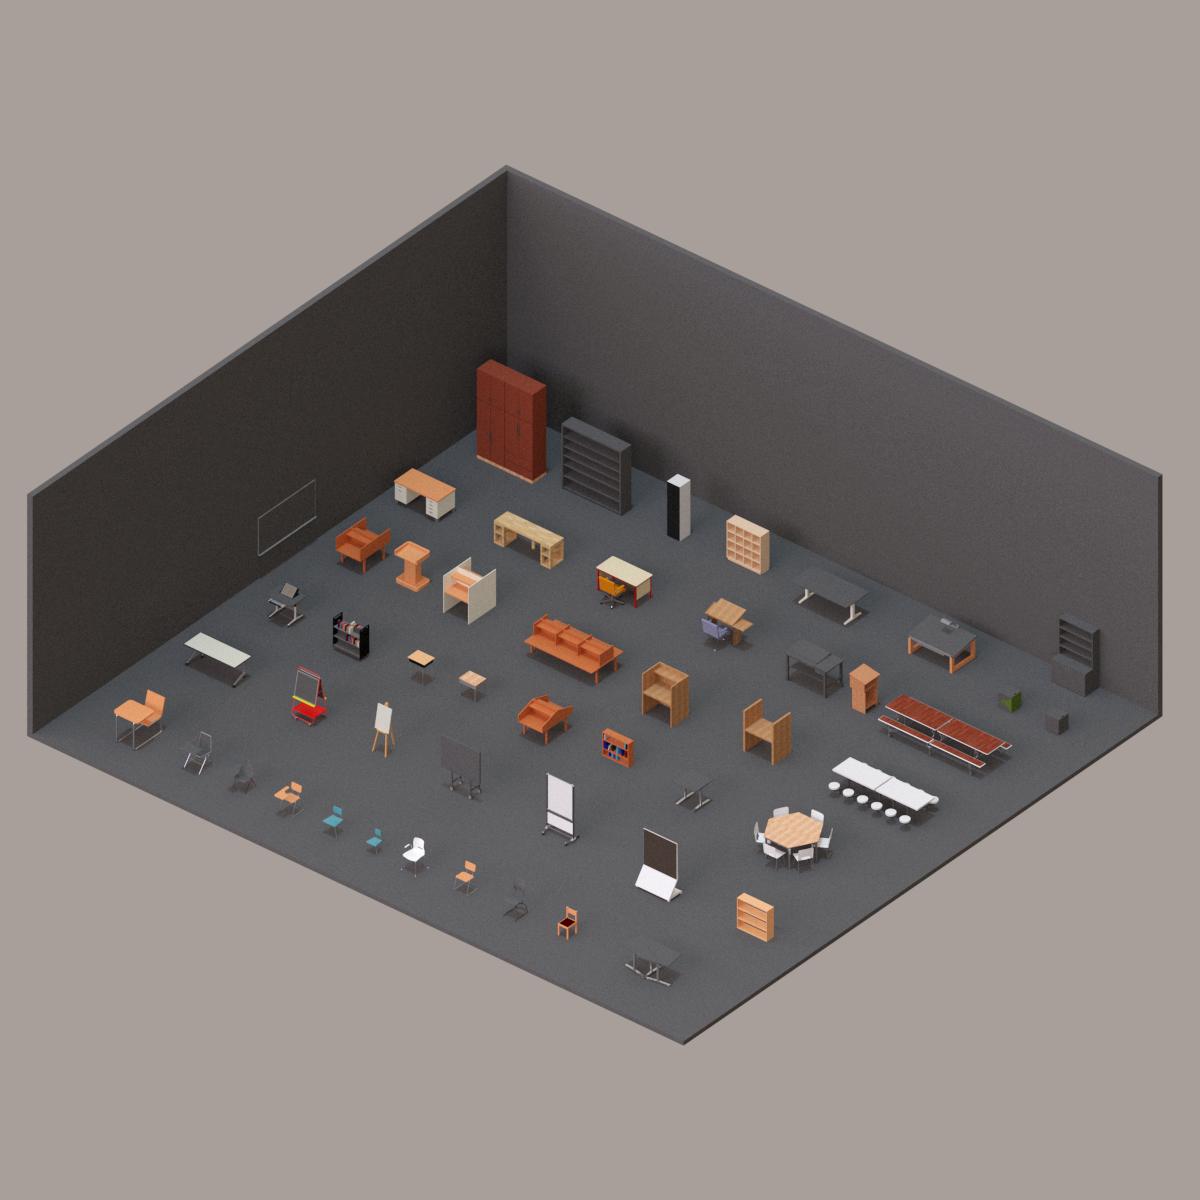 Colección Mobiliario Educacional en BIM